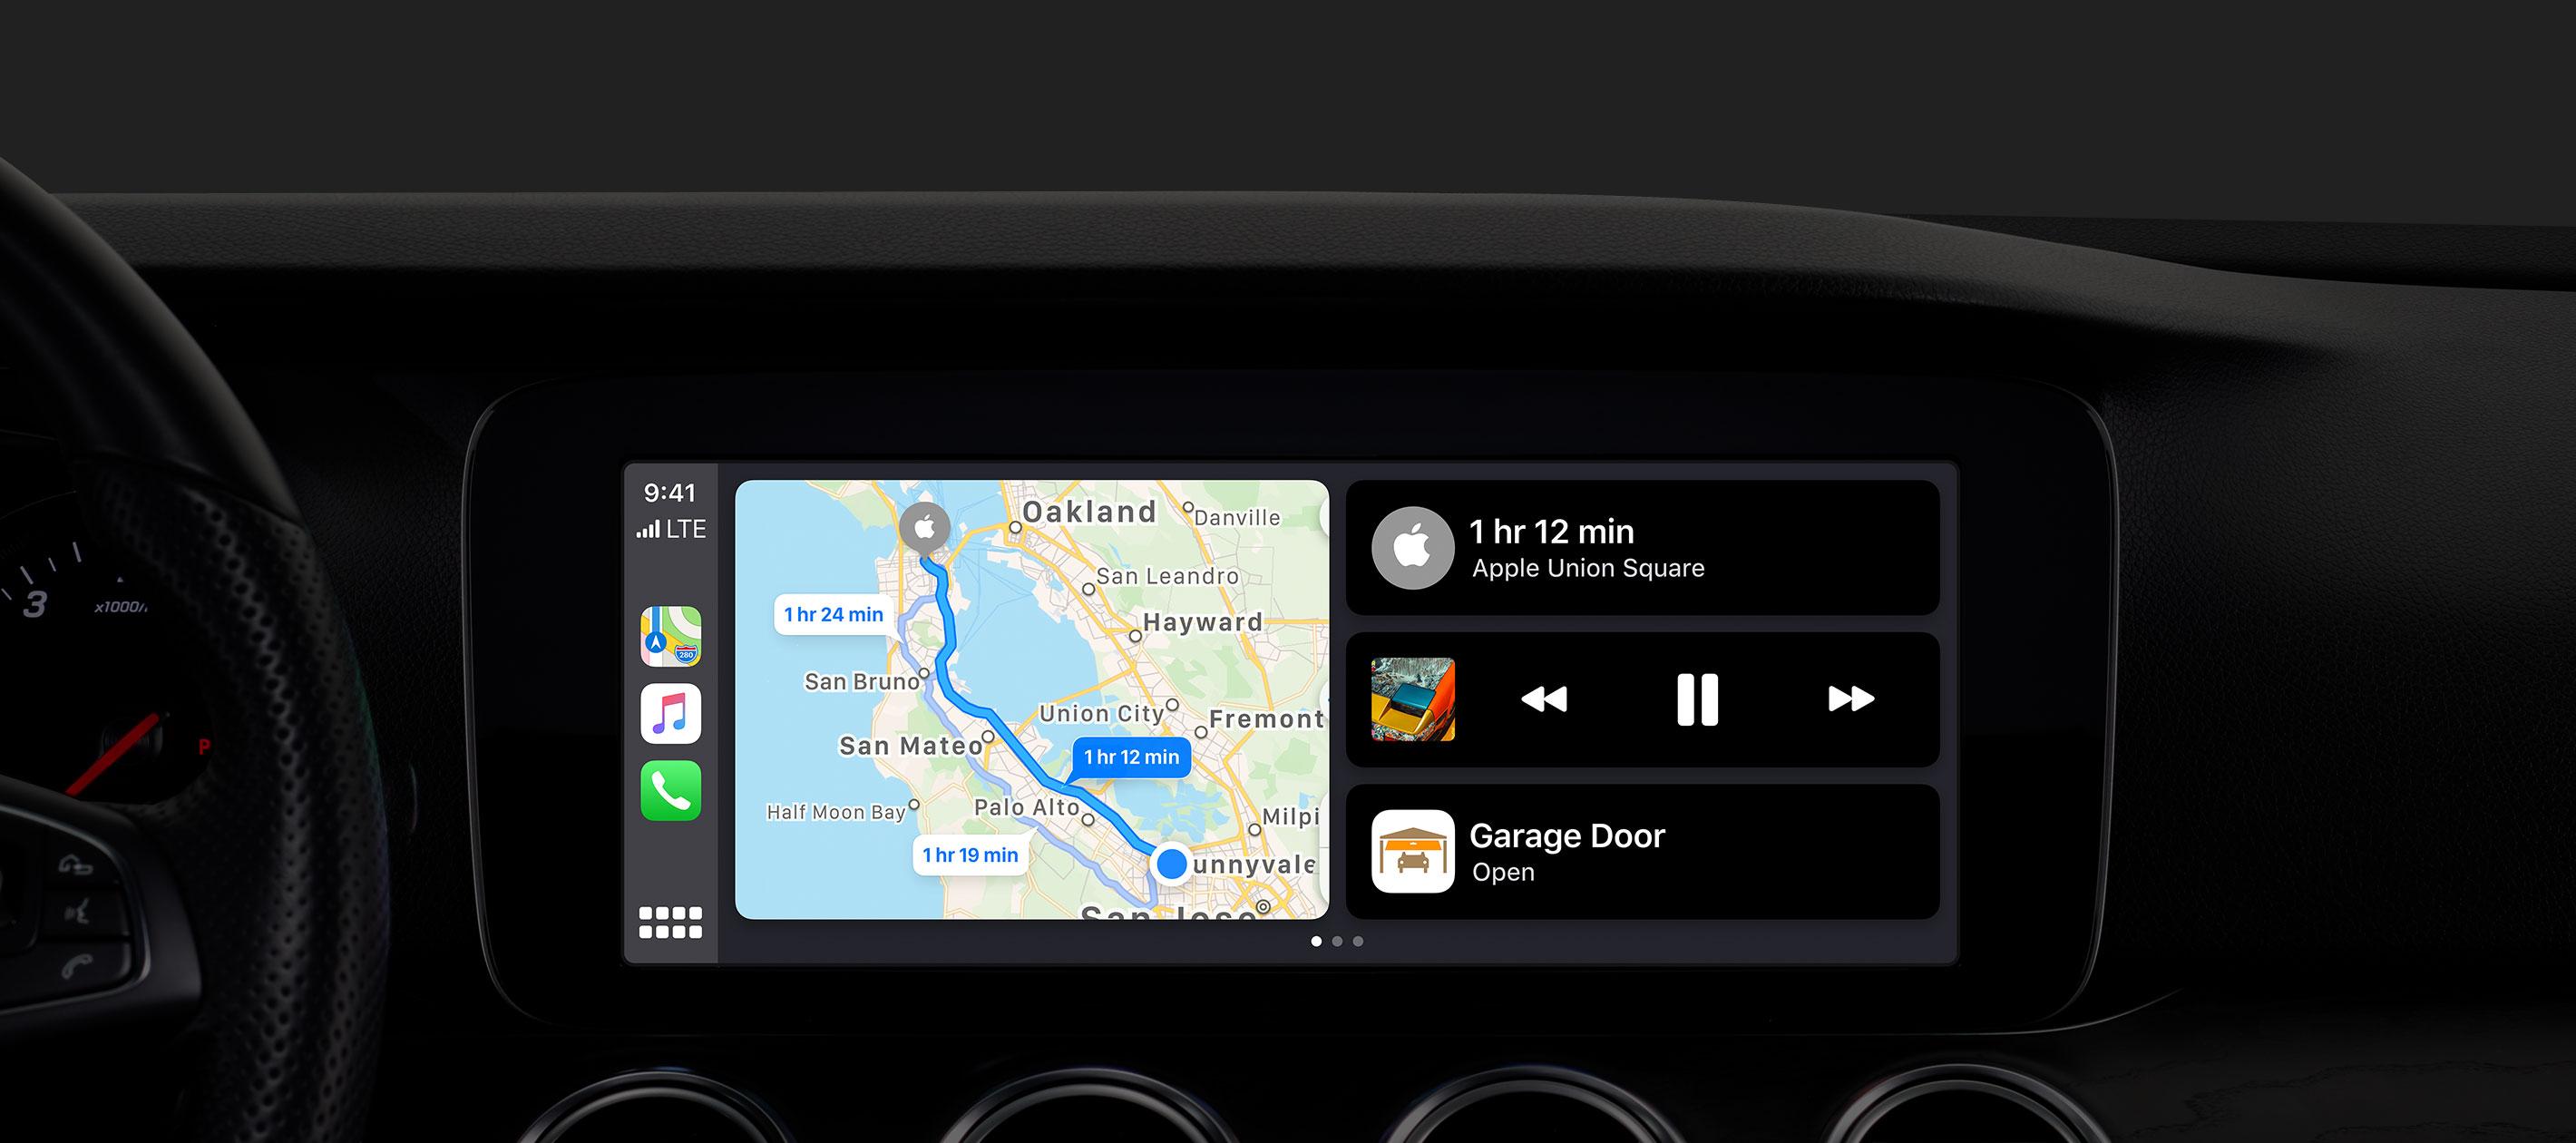 Novo CarPlay no iOS 13